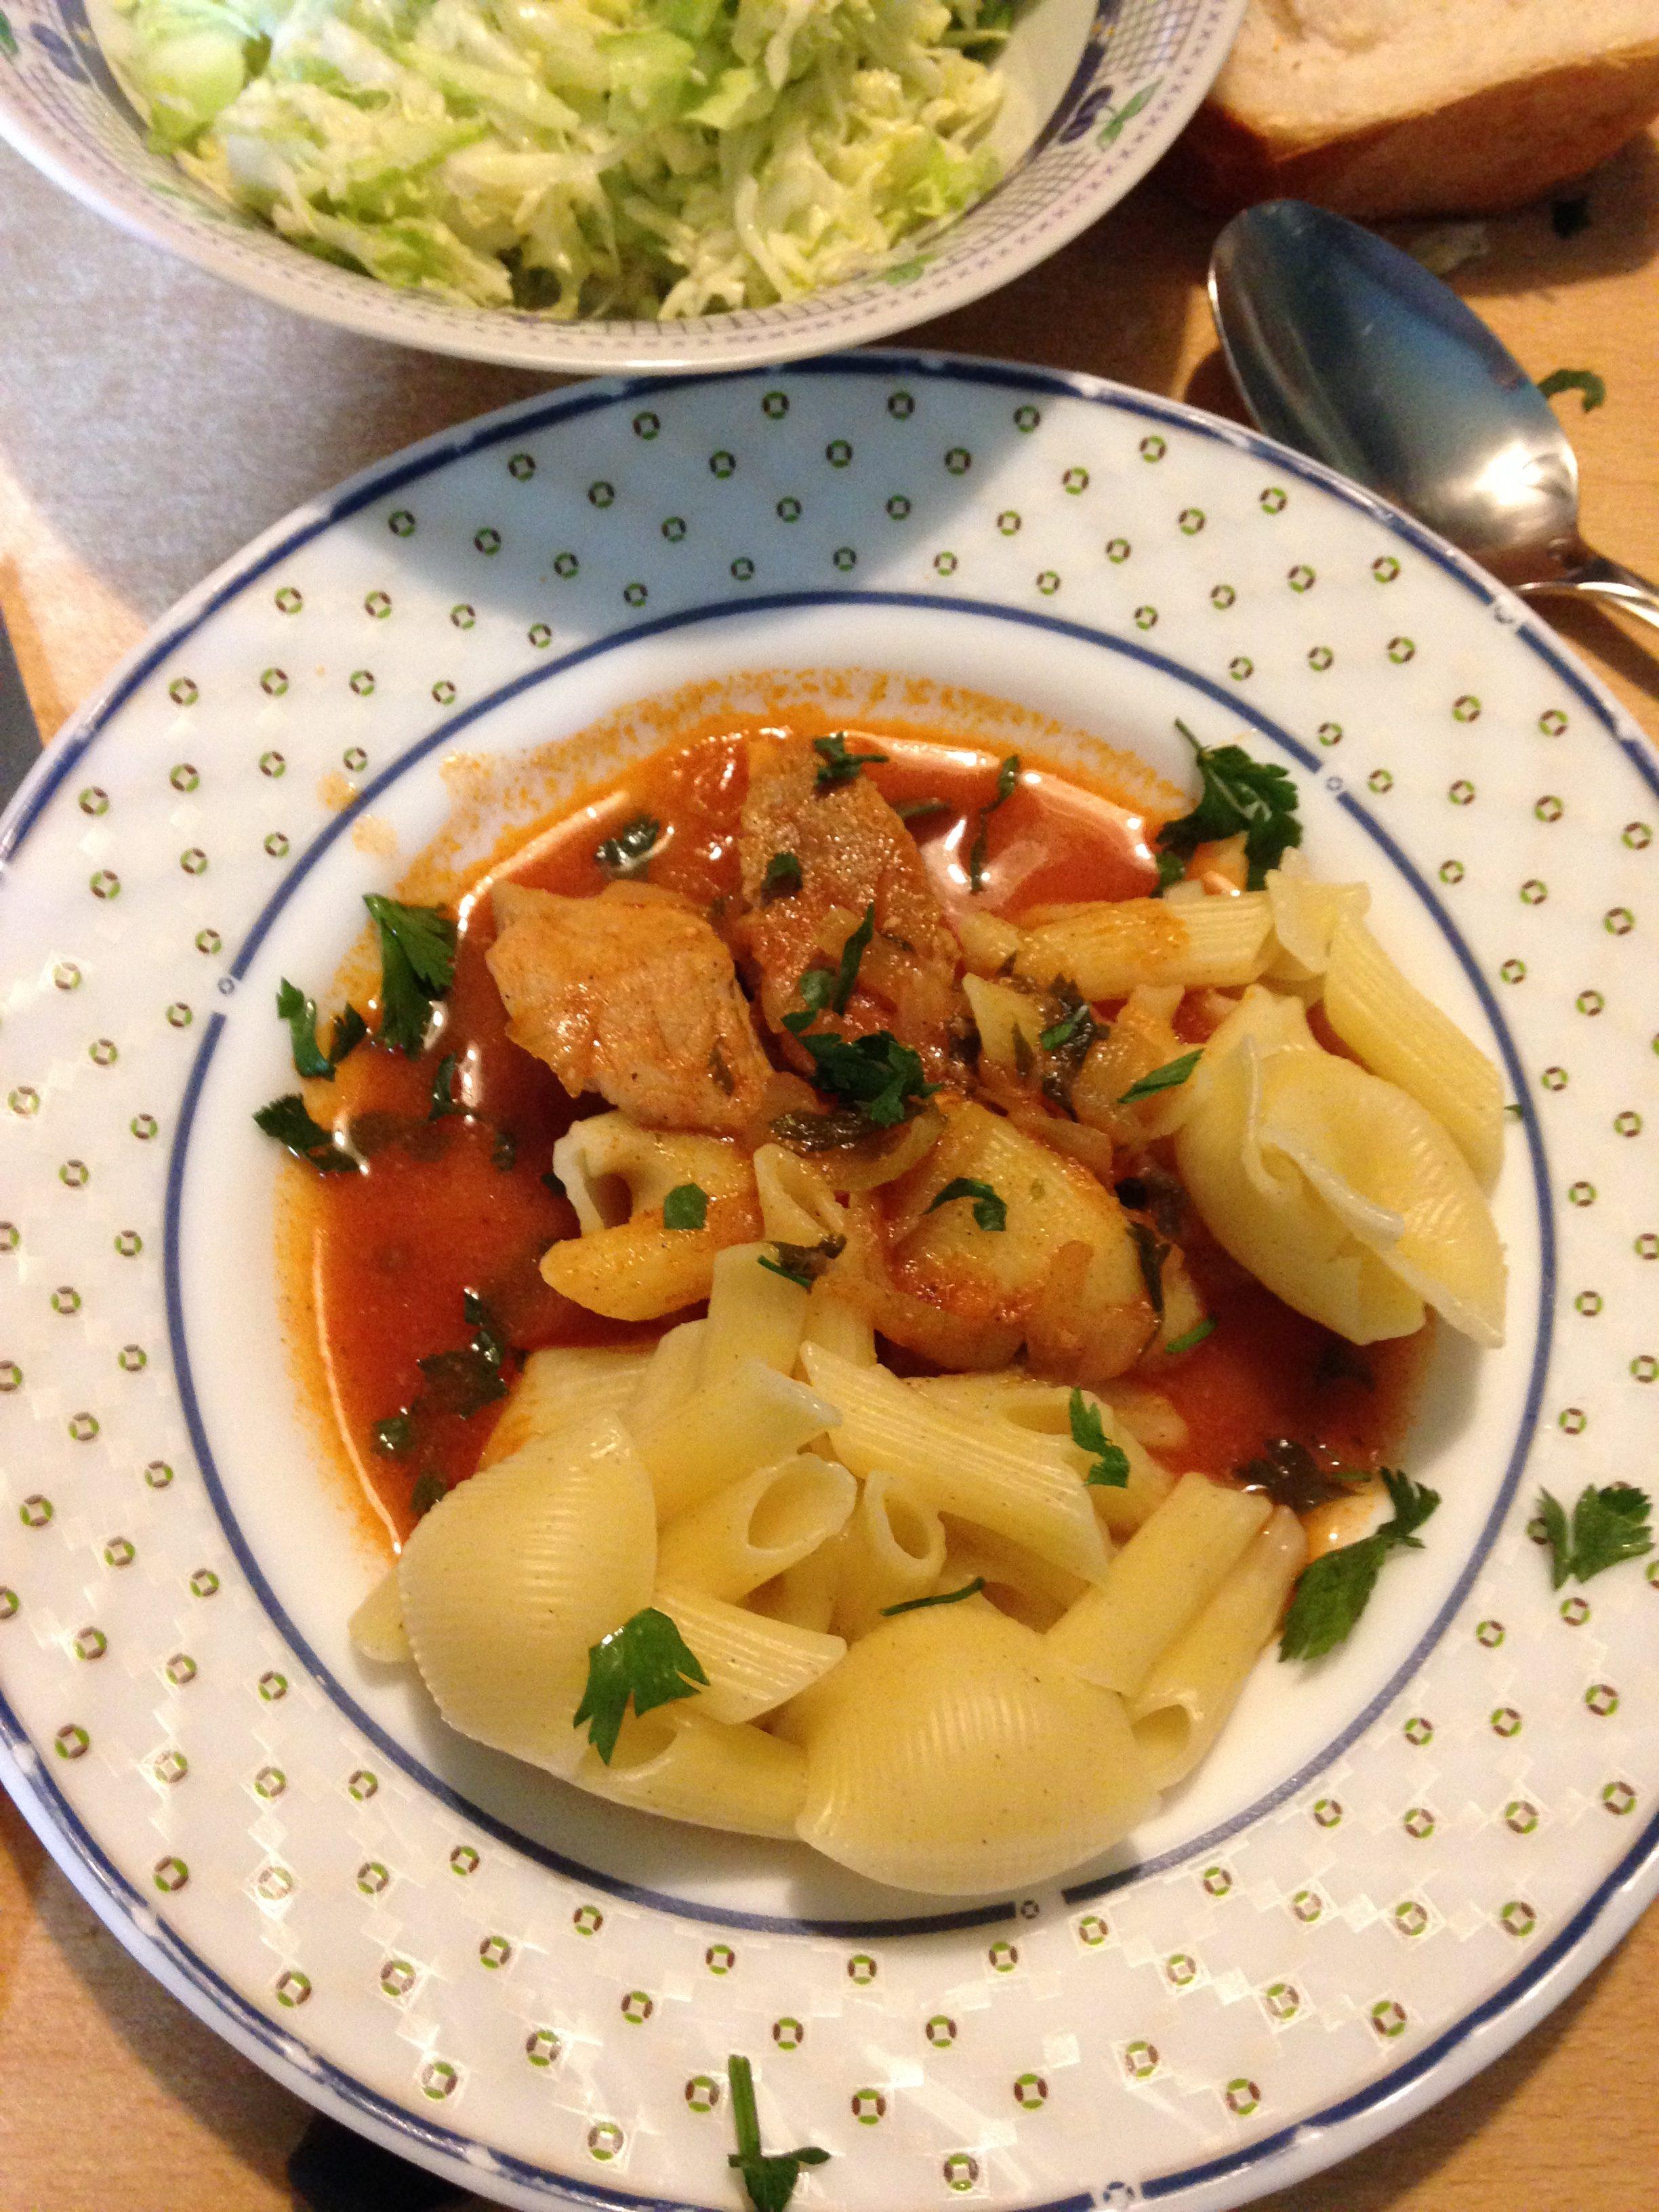 Brz ručak-sočno svinjsko meso u paradajz sosu